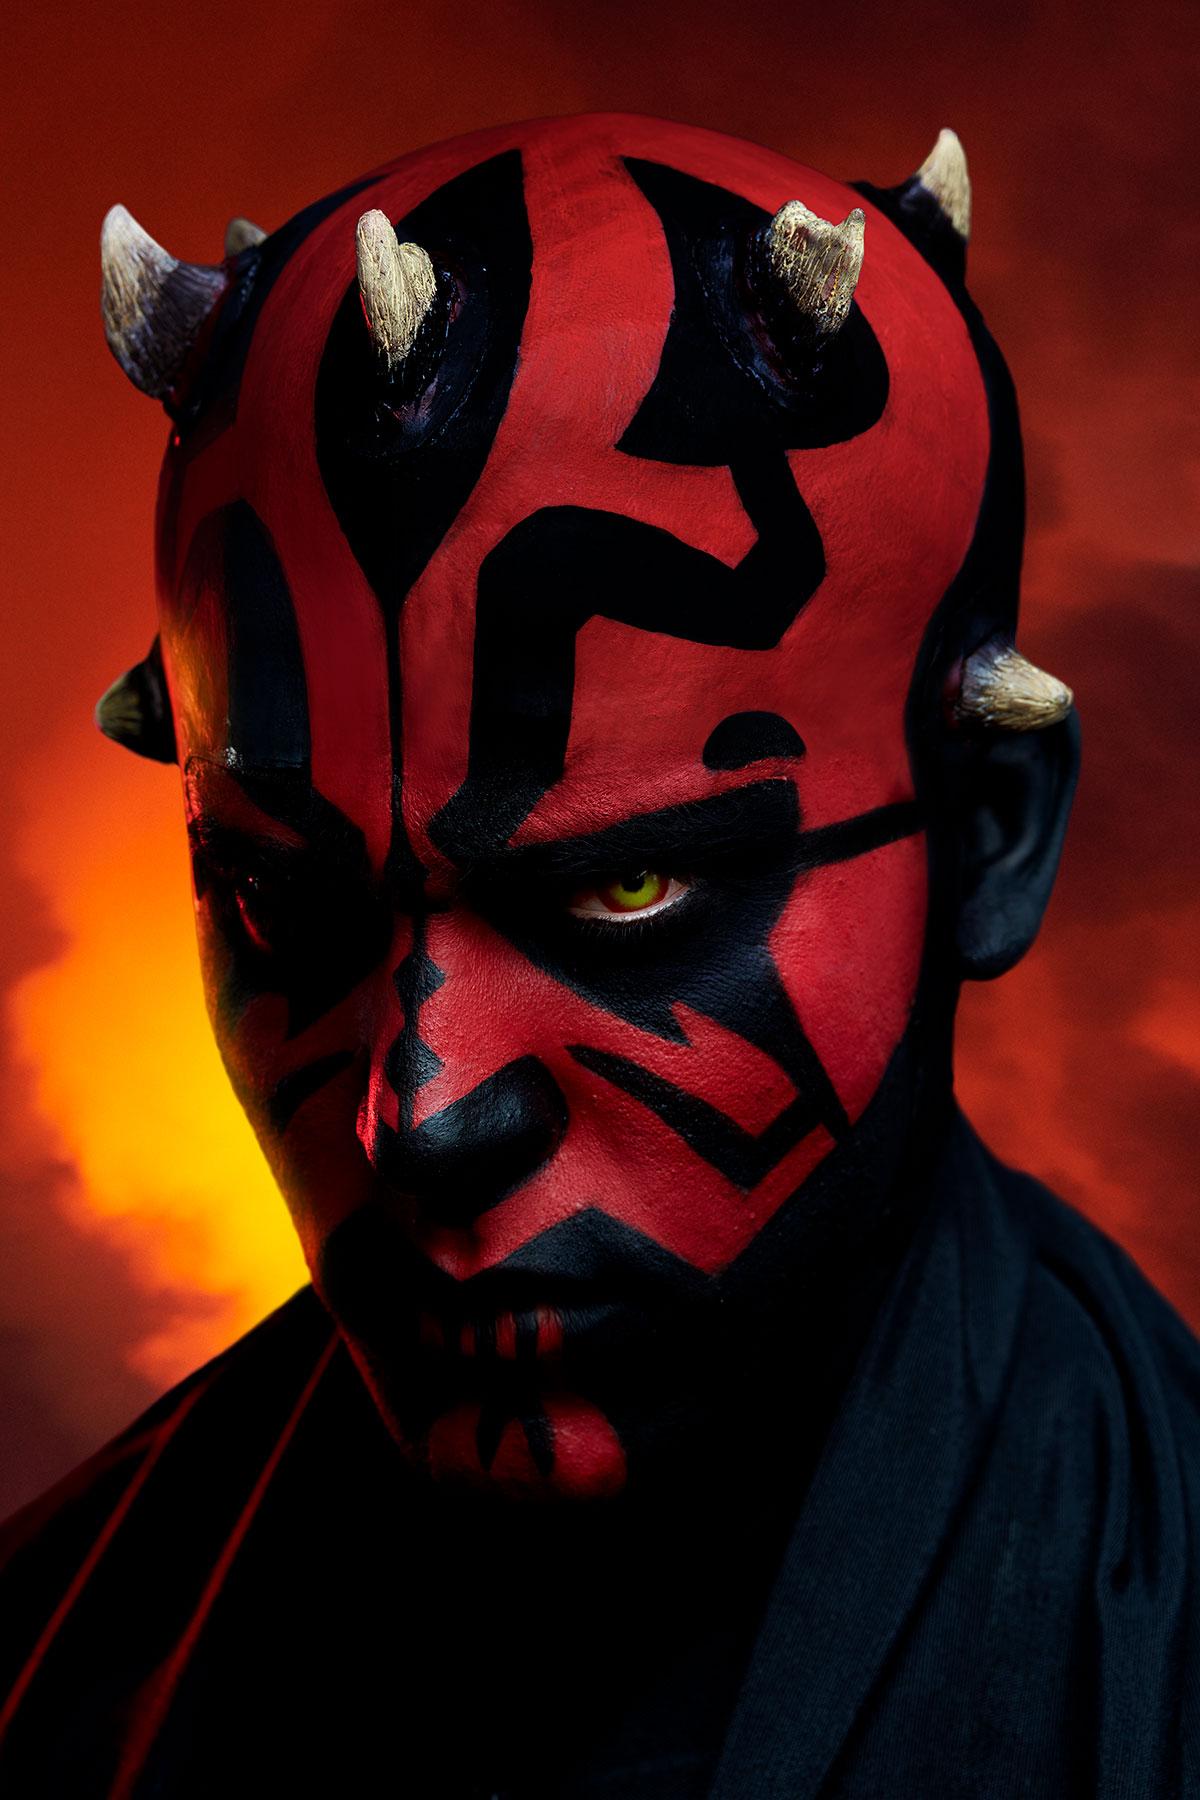 Arthur Sayanoff Darth Maul Star Wars 08 05